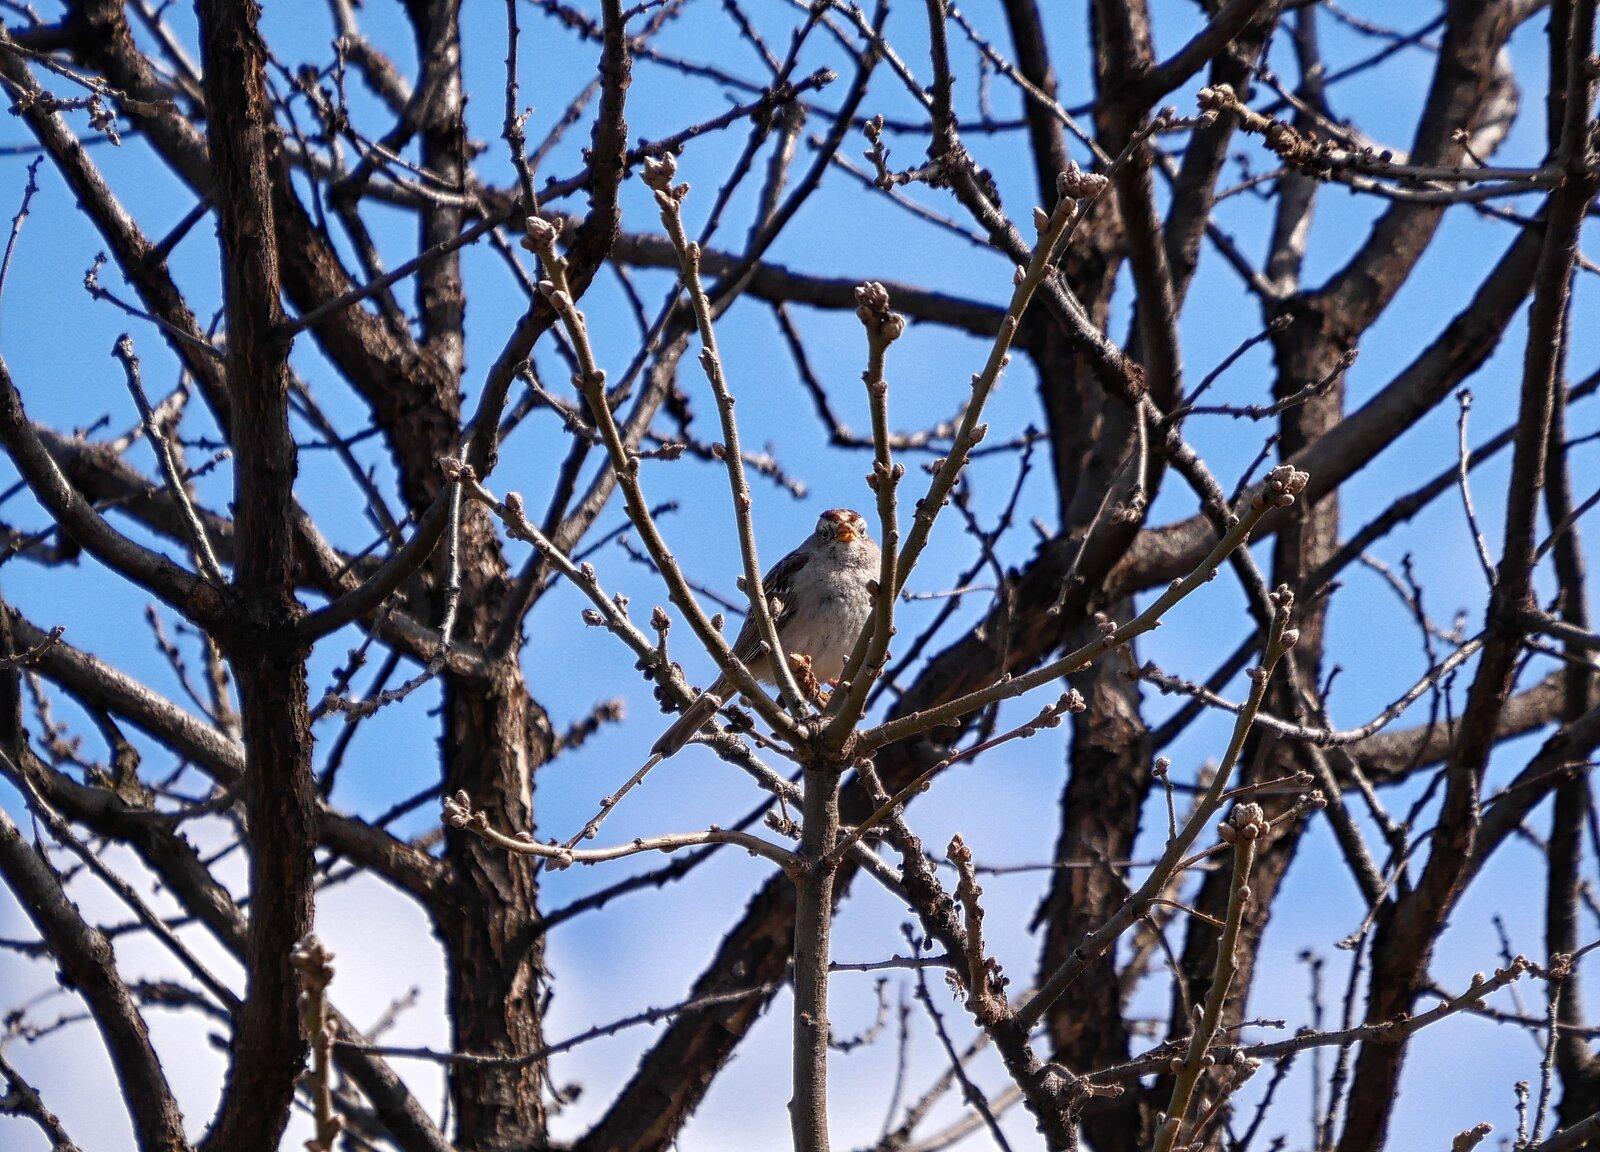 GX9_Mar6_21_Bird#2.jpg